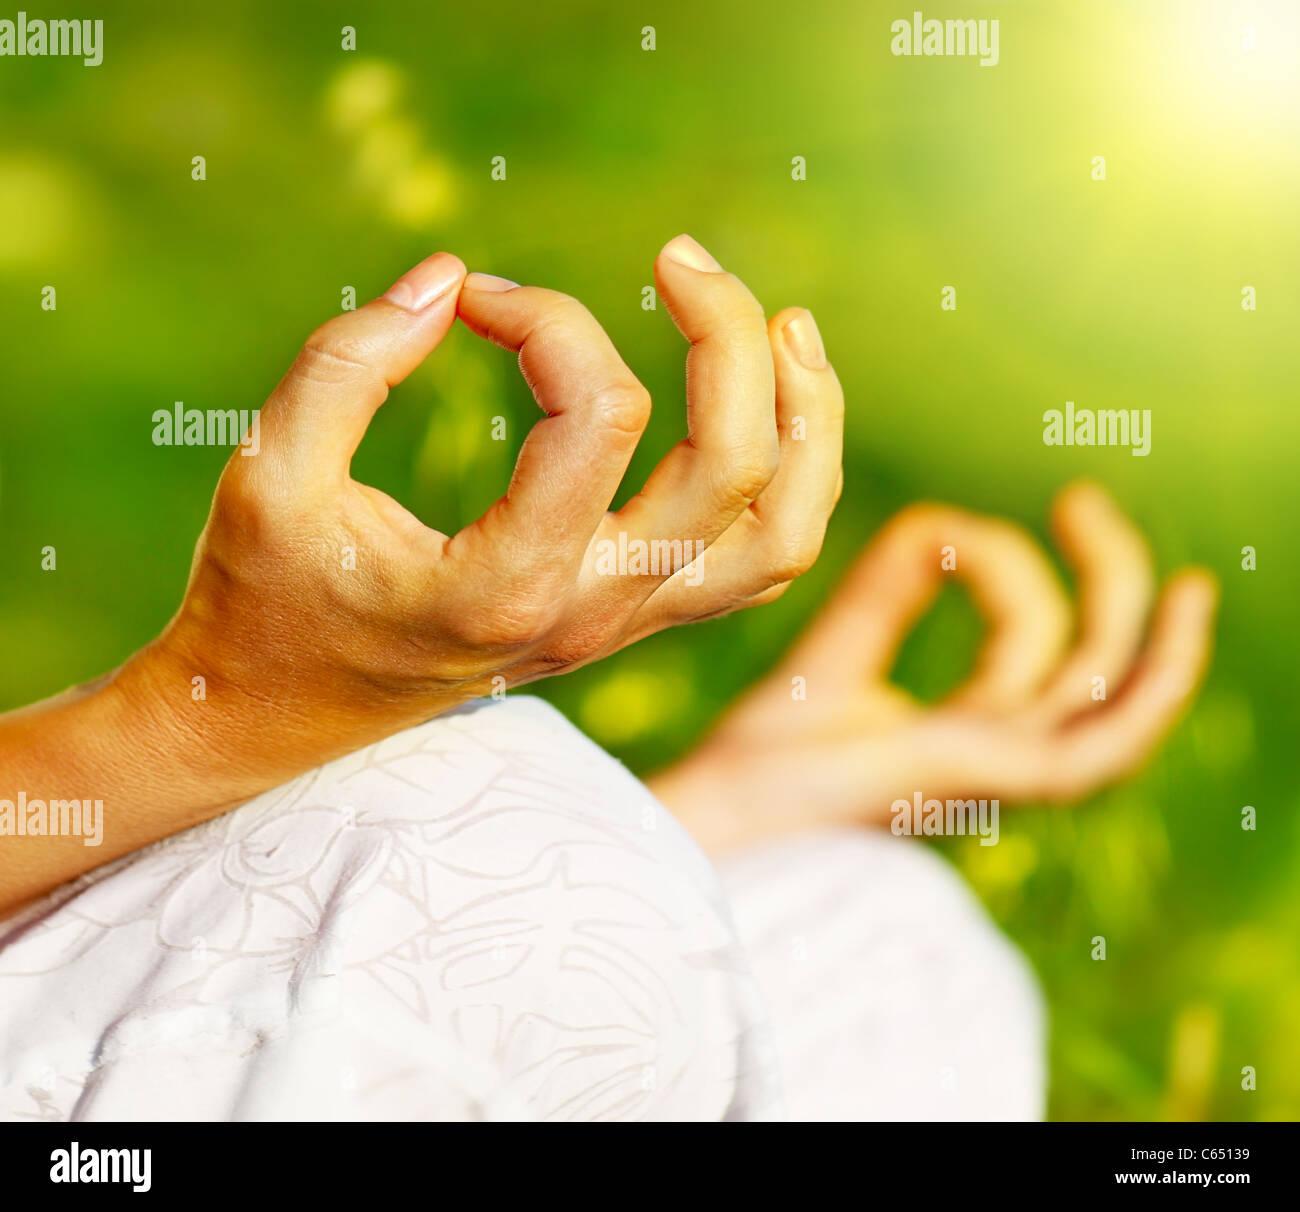 La méditation de yoga en plein air, les femmes en bonne santé dans la paix, l'âme et l'esprit concept équilibre zen Banque D'Images